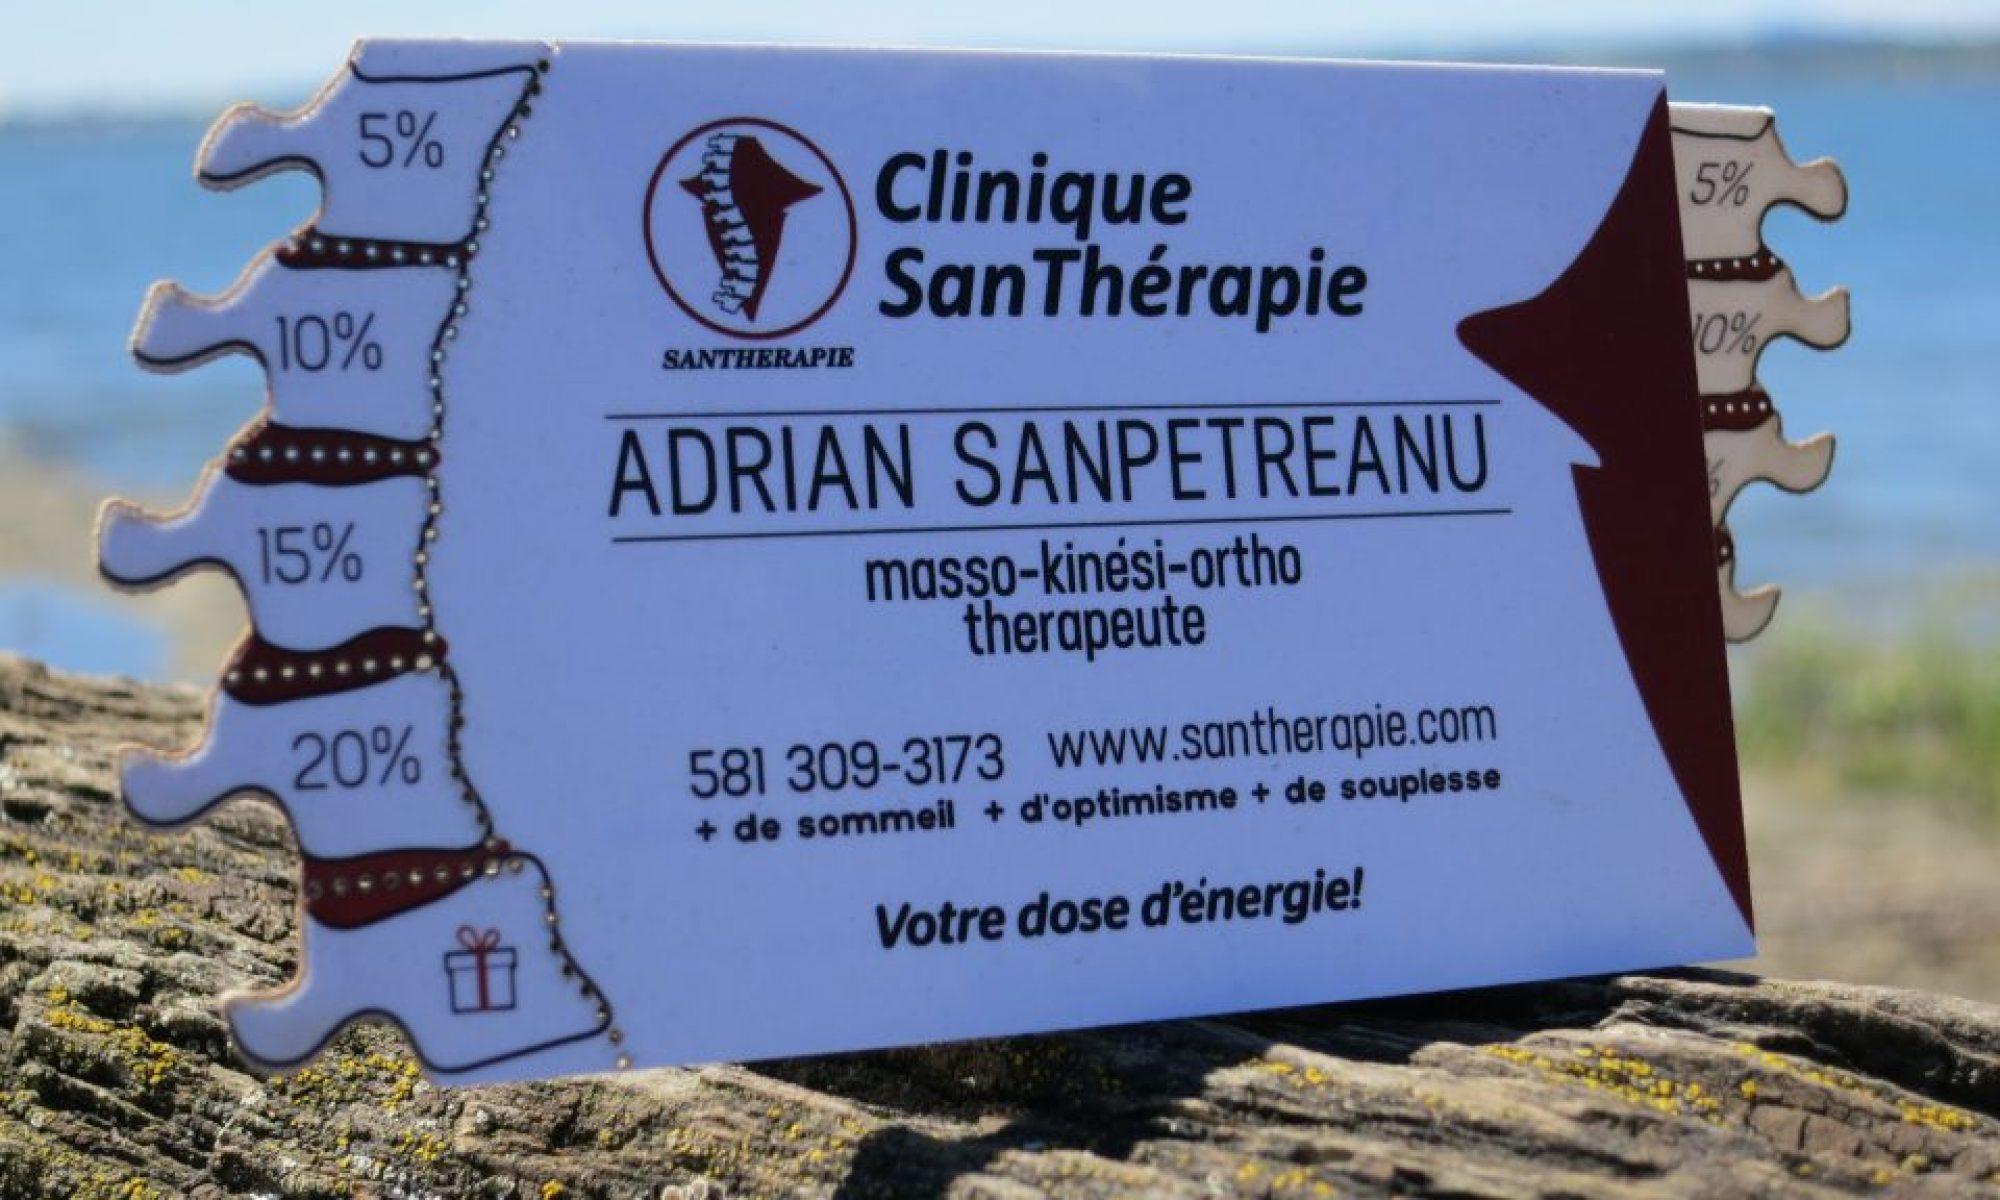 Clinique SanThérapie